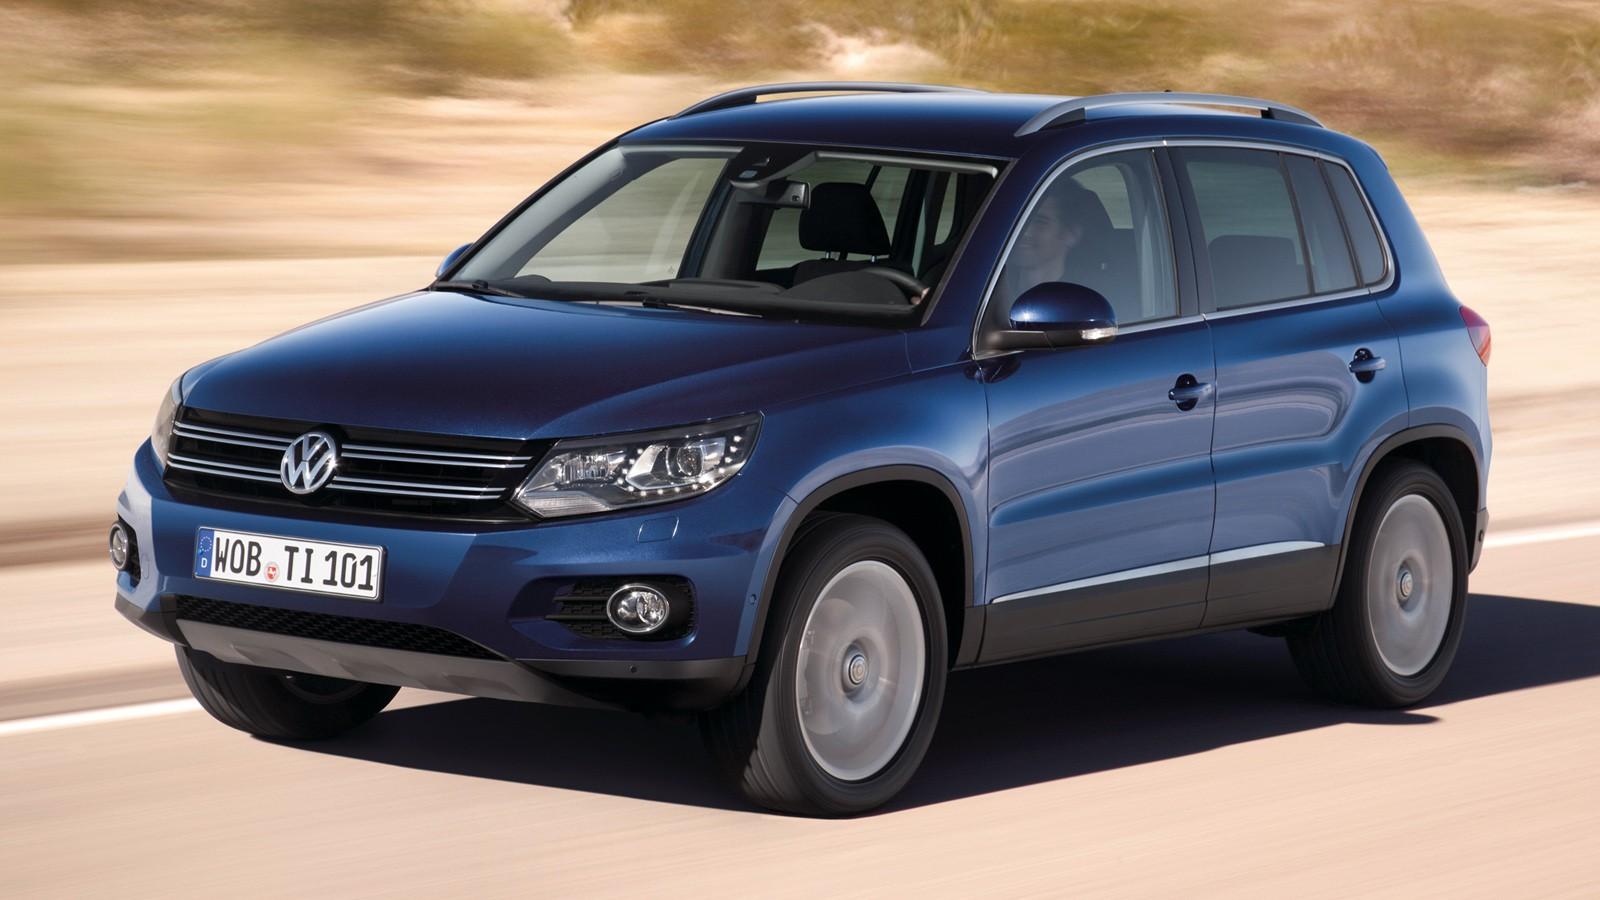 На фото: VW Tiguan предыдущего поколения